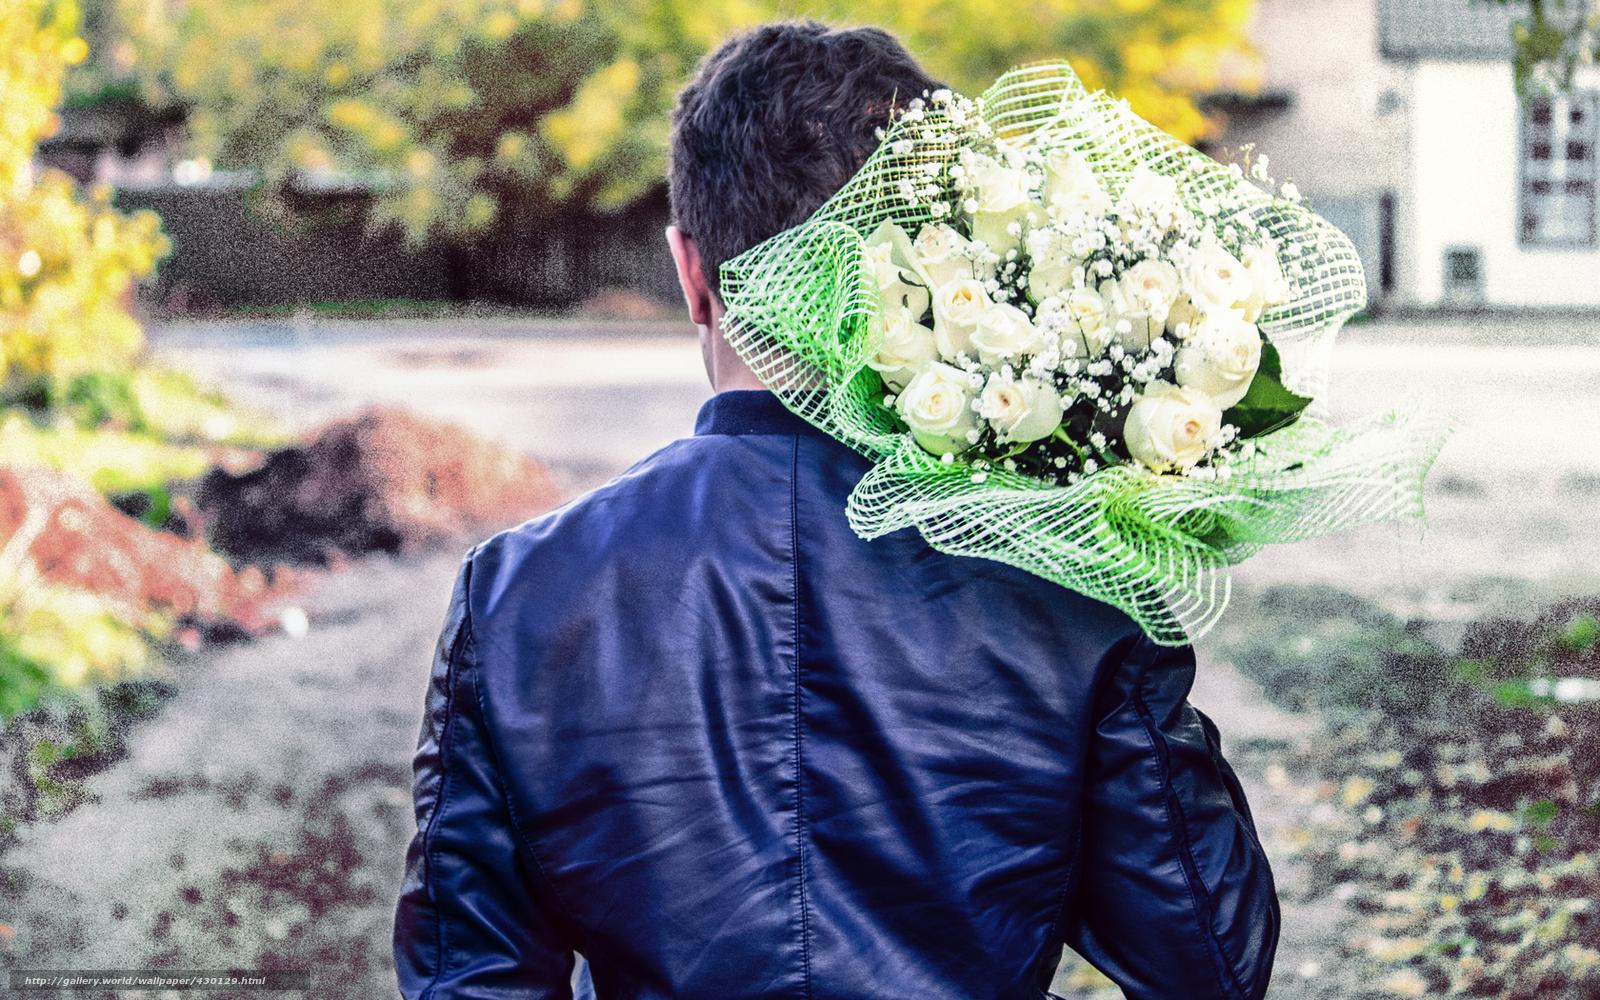 Tlcharger fond d 39 ecran homme mec bouquet fleur fonds d for Bouquet de fleurs homme